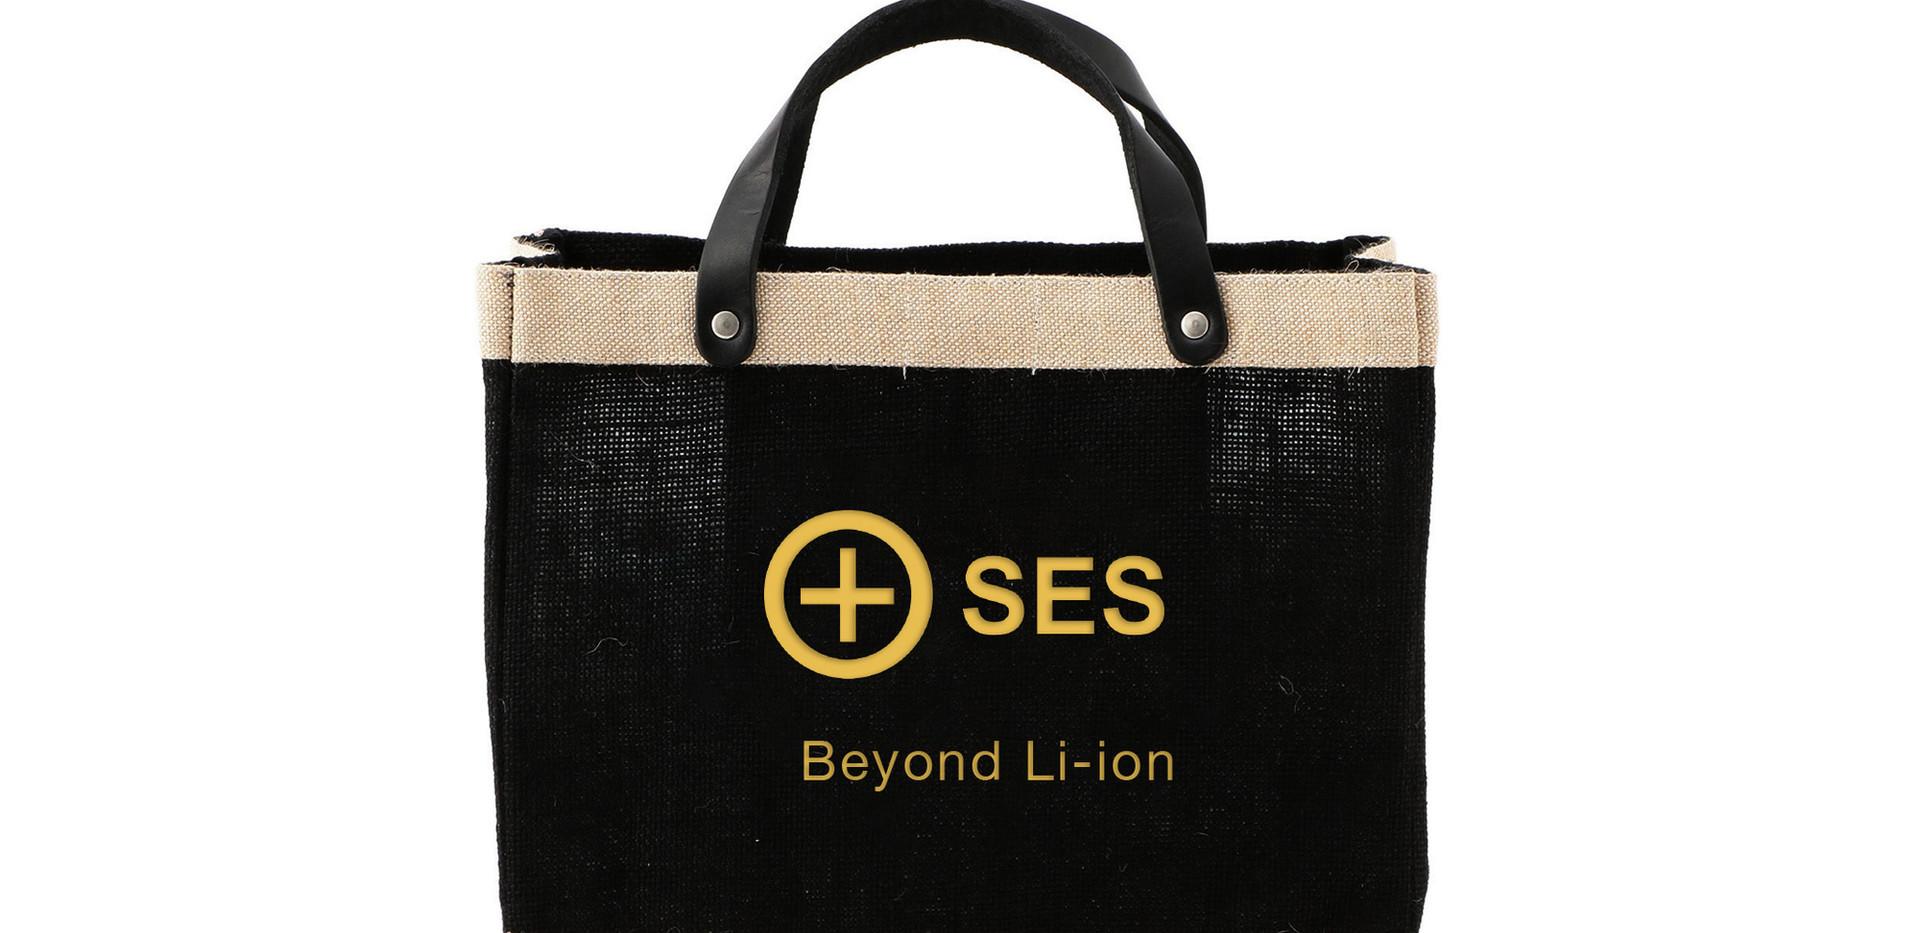 SES-Gold-lunch-bag-front-flat-mockup (1)